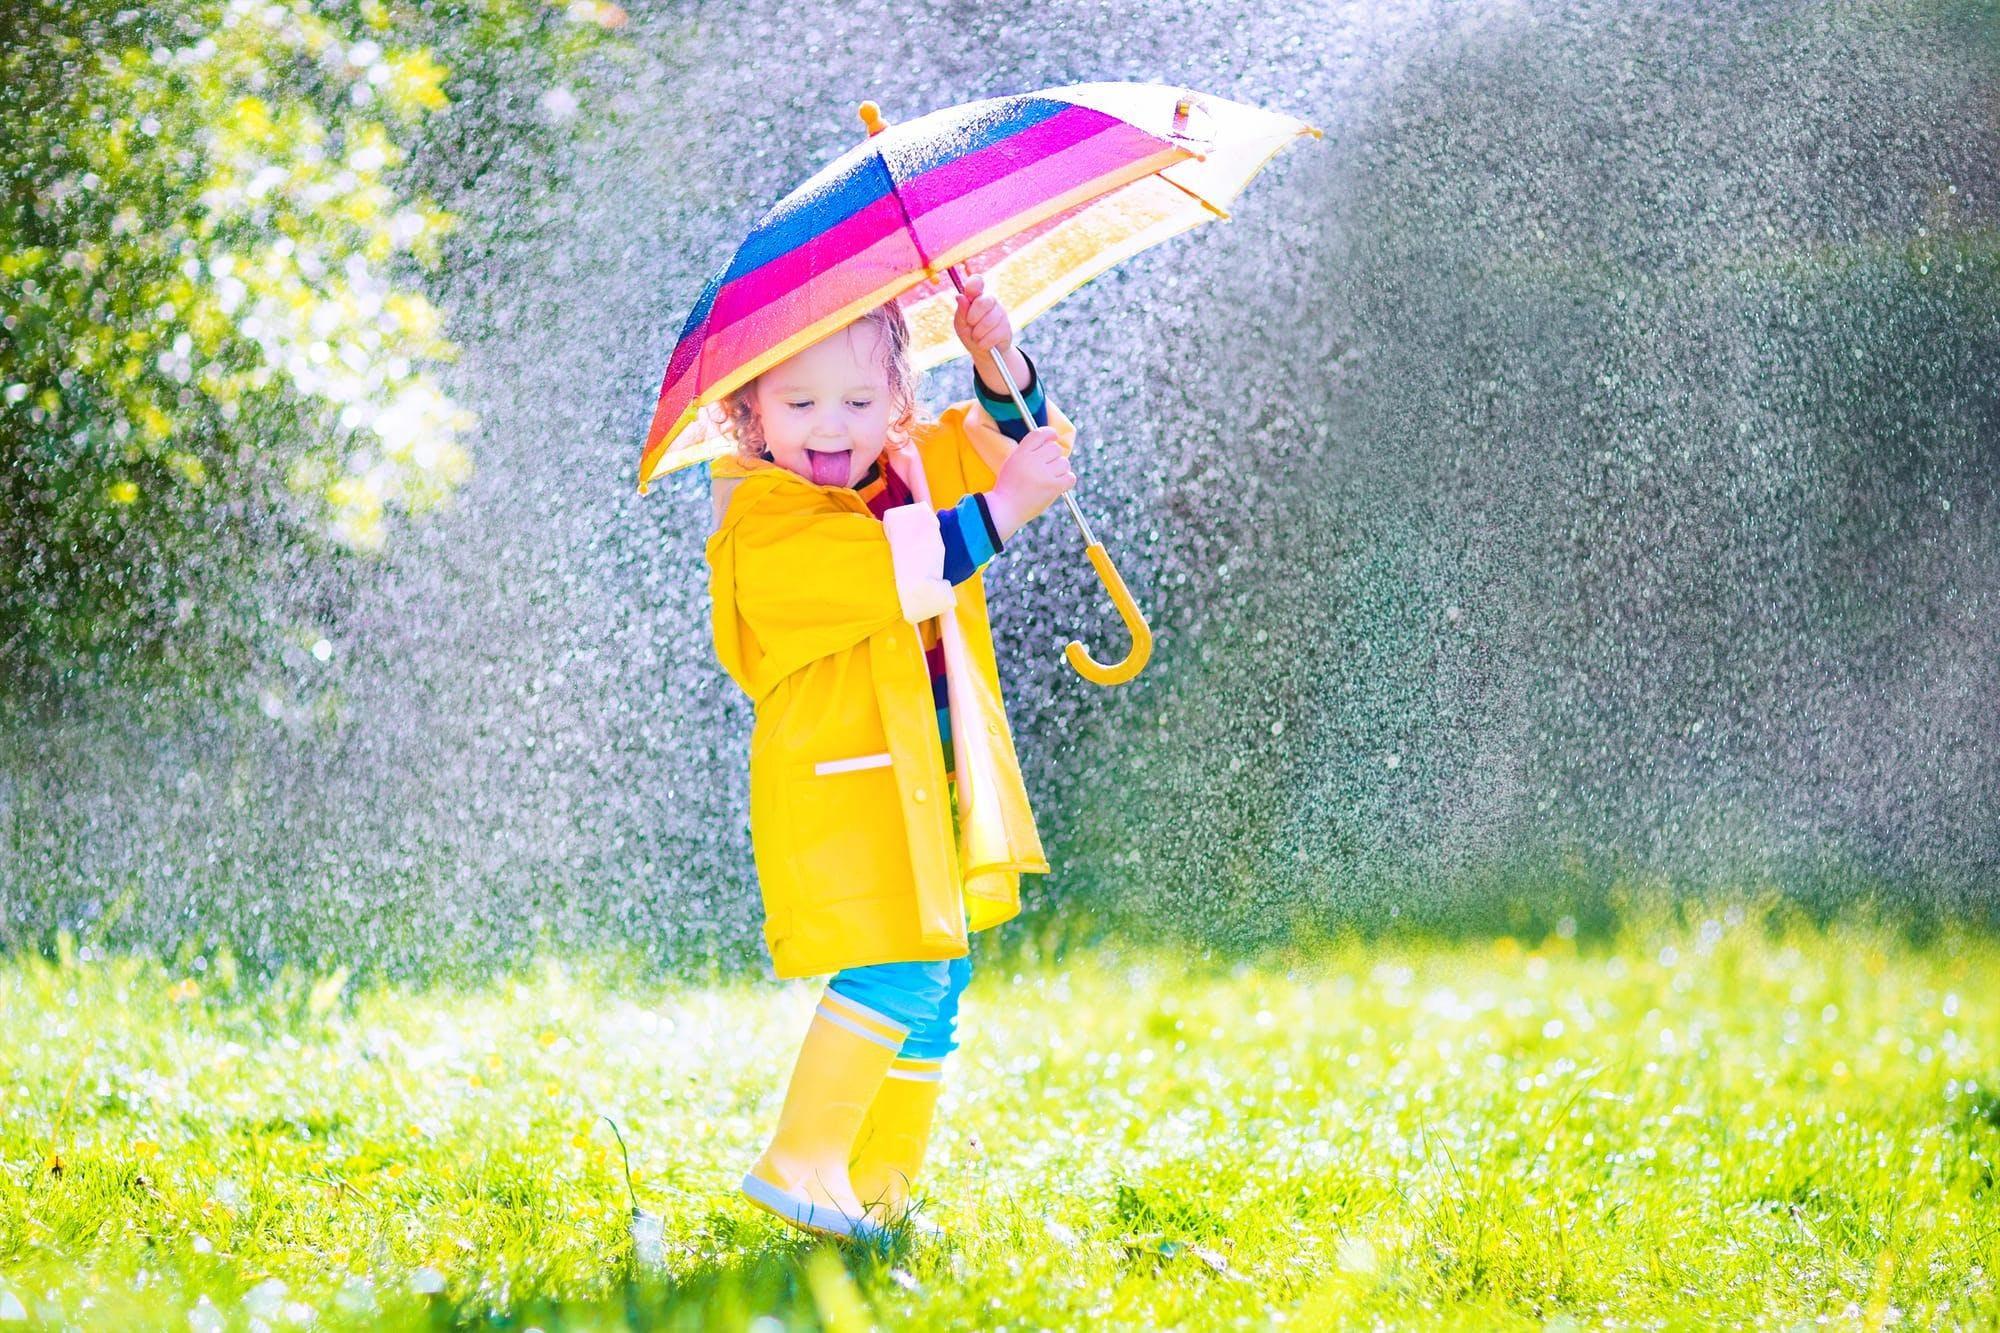 INM: Les quantités de pluies enregistrées en millimètres durant les dernières 24 heures